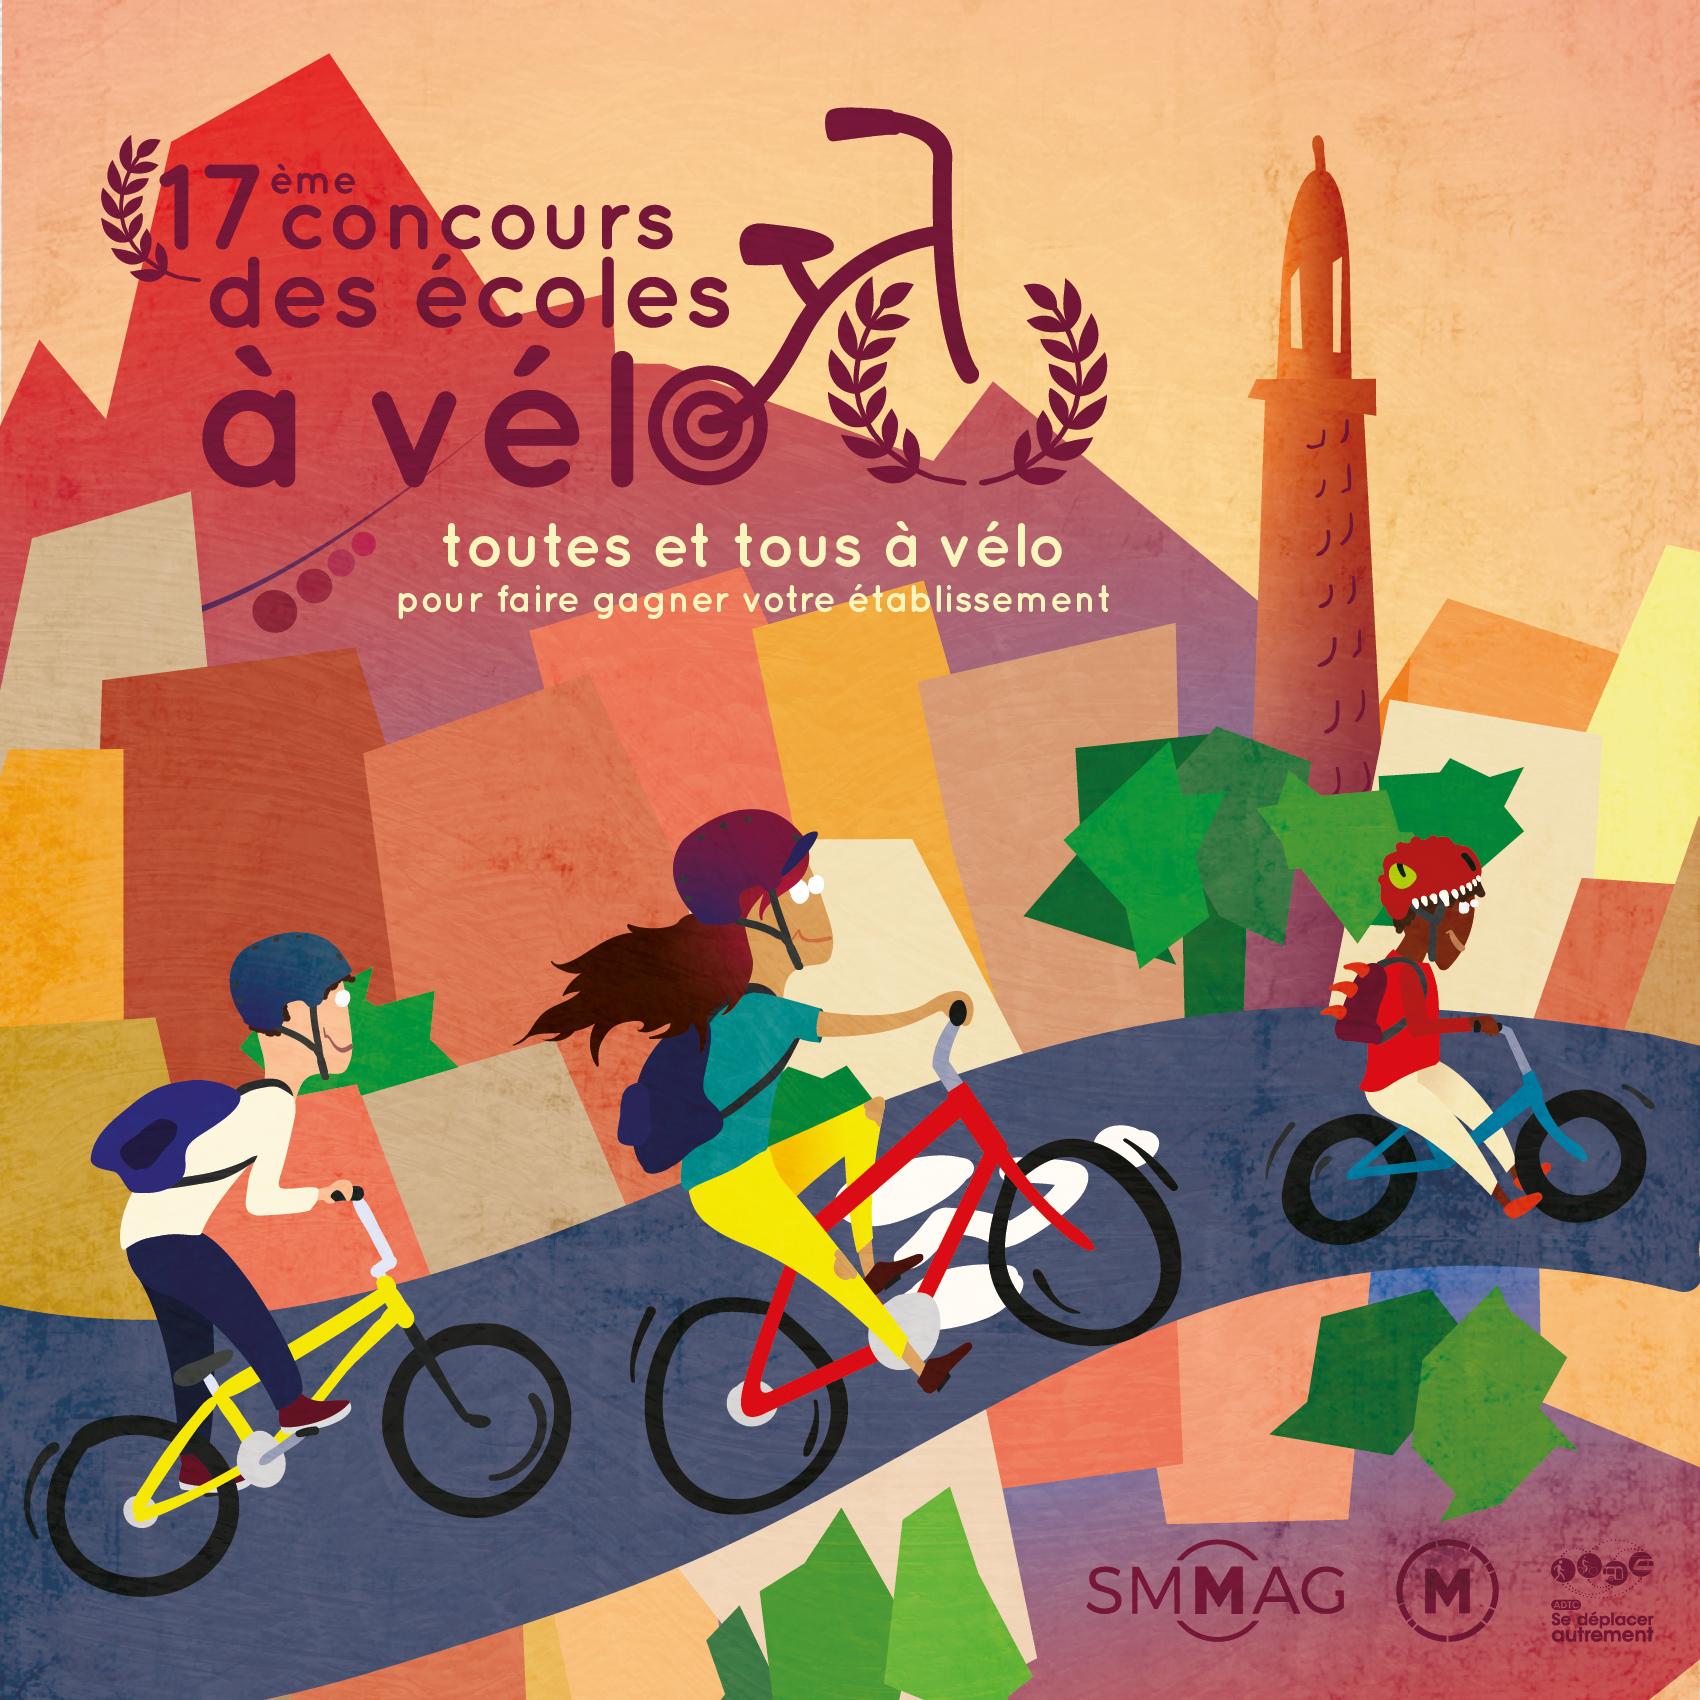 Les résultats de la 17ème édition du concours des écoles à vélo sont disponibles !